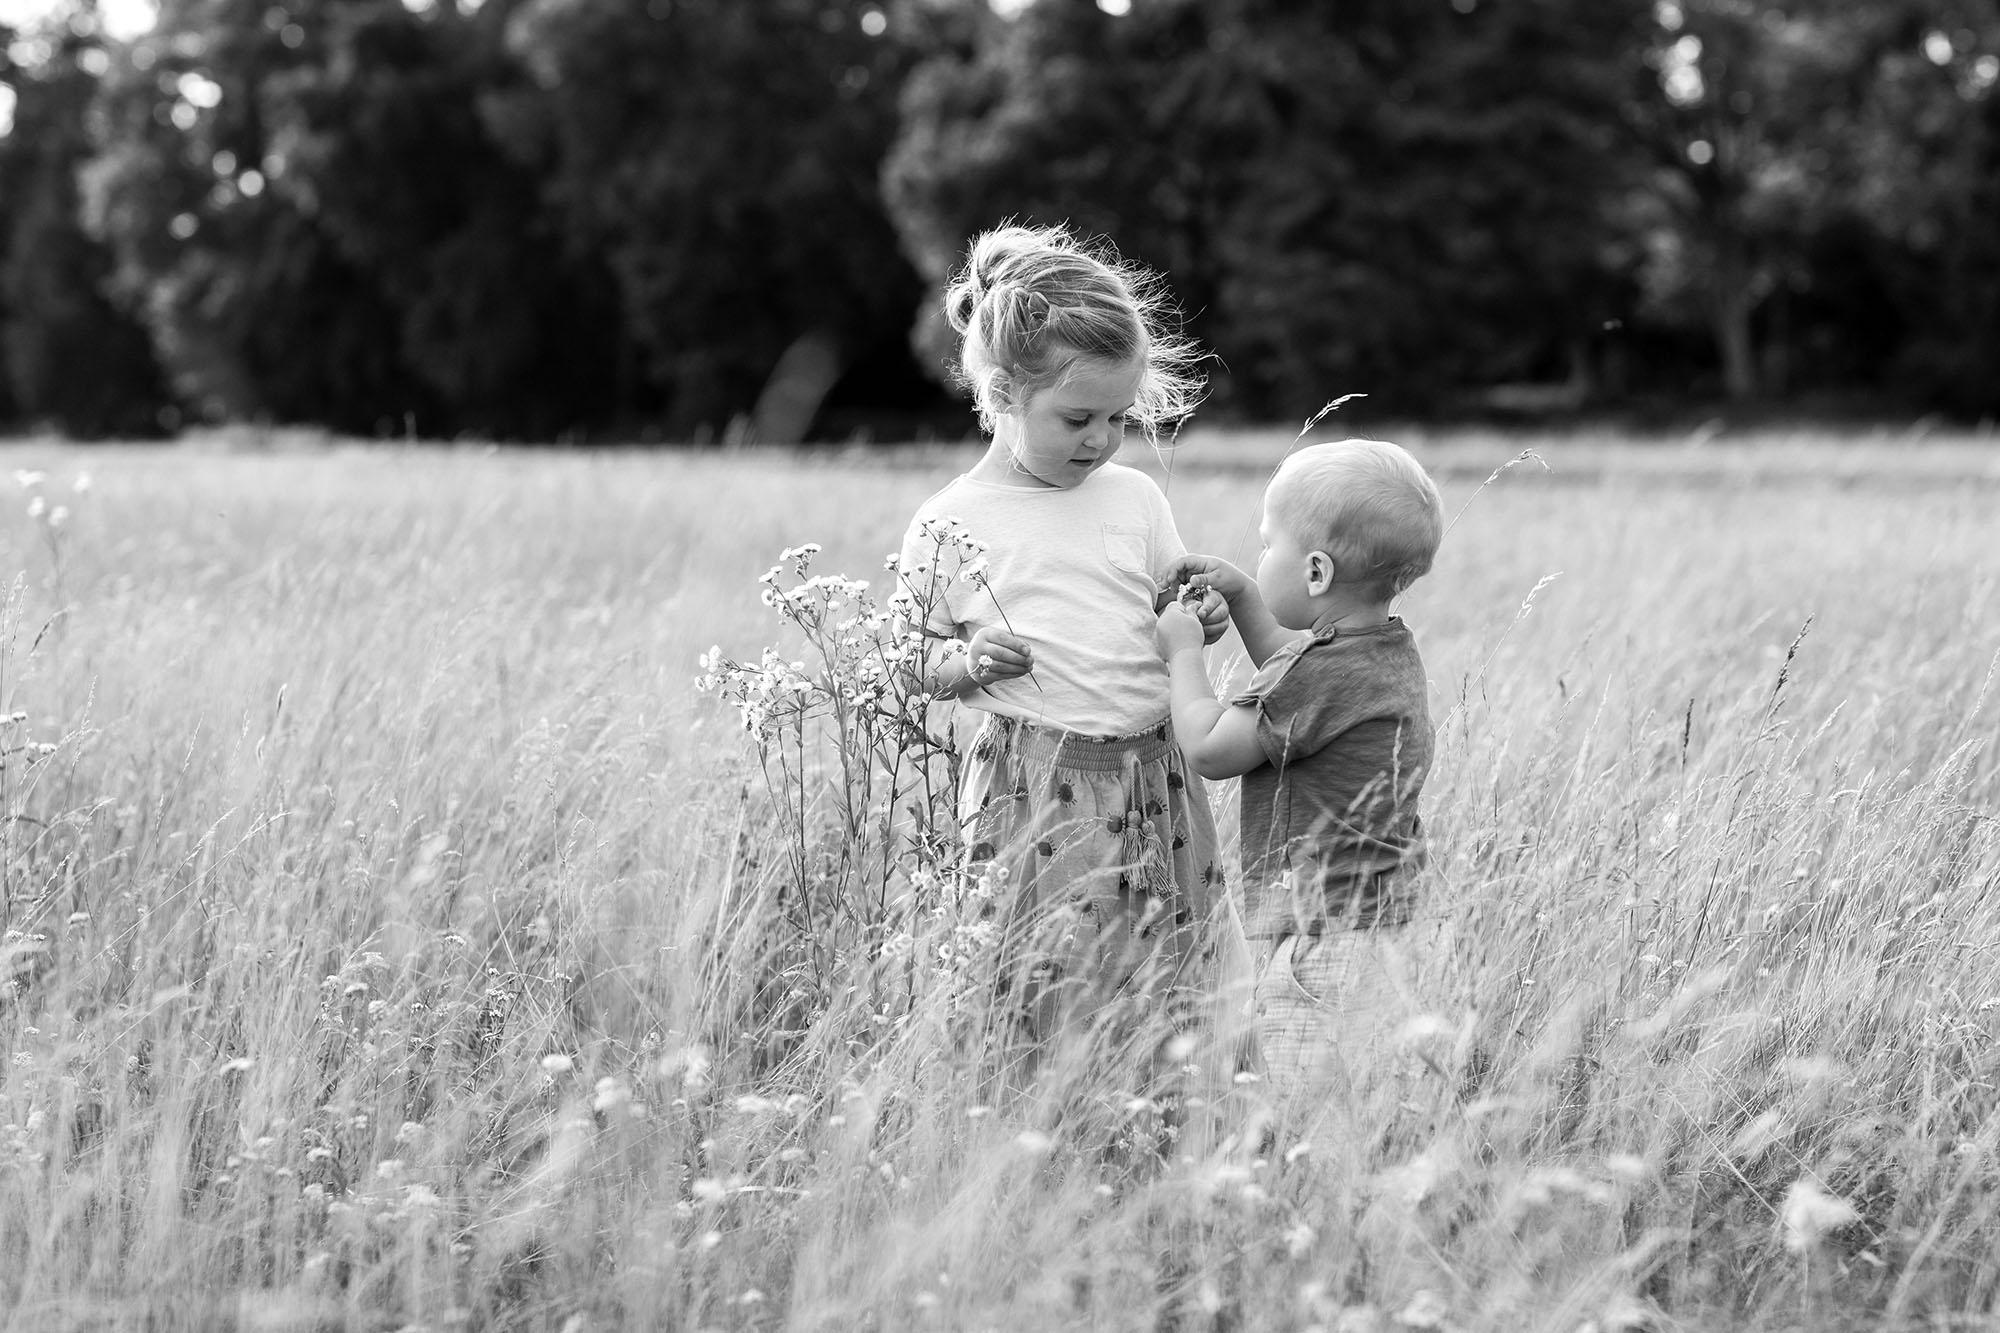 Fotokurs Kinderfotografie Basel - Fotografie Kurs in Basel und Umgebung